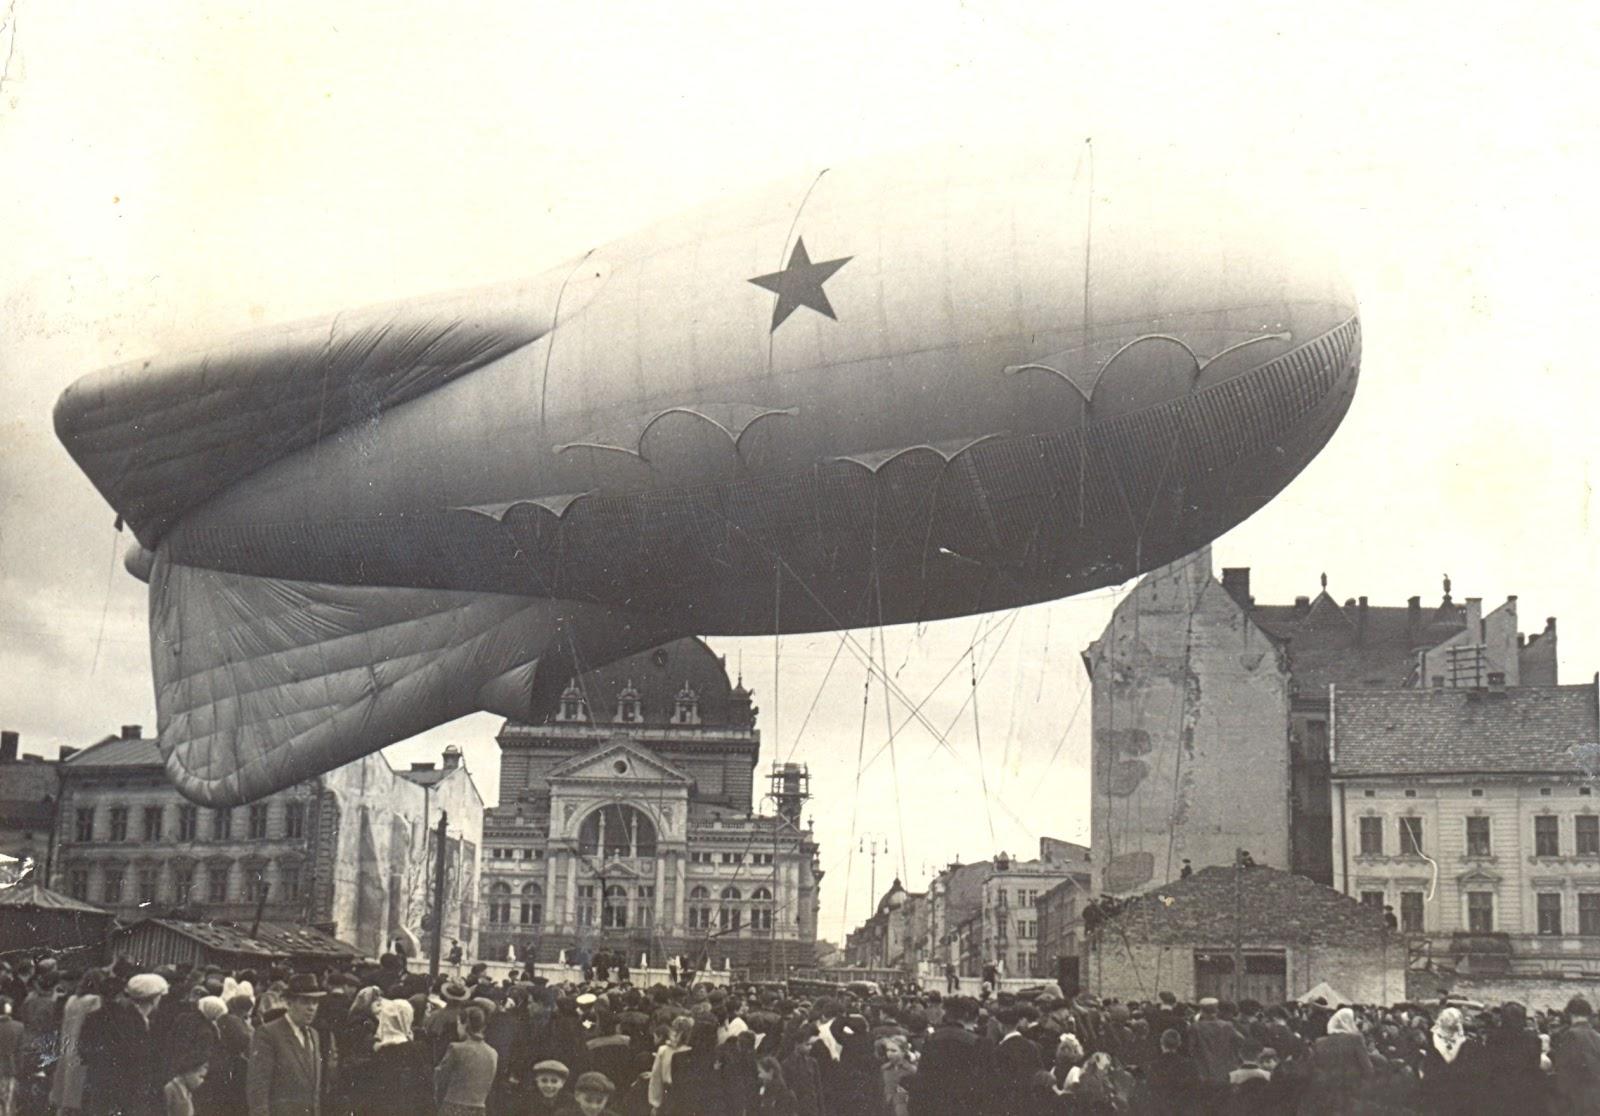 В праздники над центром послевоенного Львова взмывал дирижабль с советской символикой, 1947 год / DR